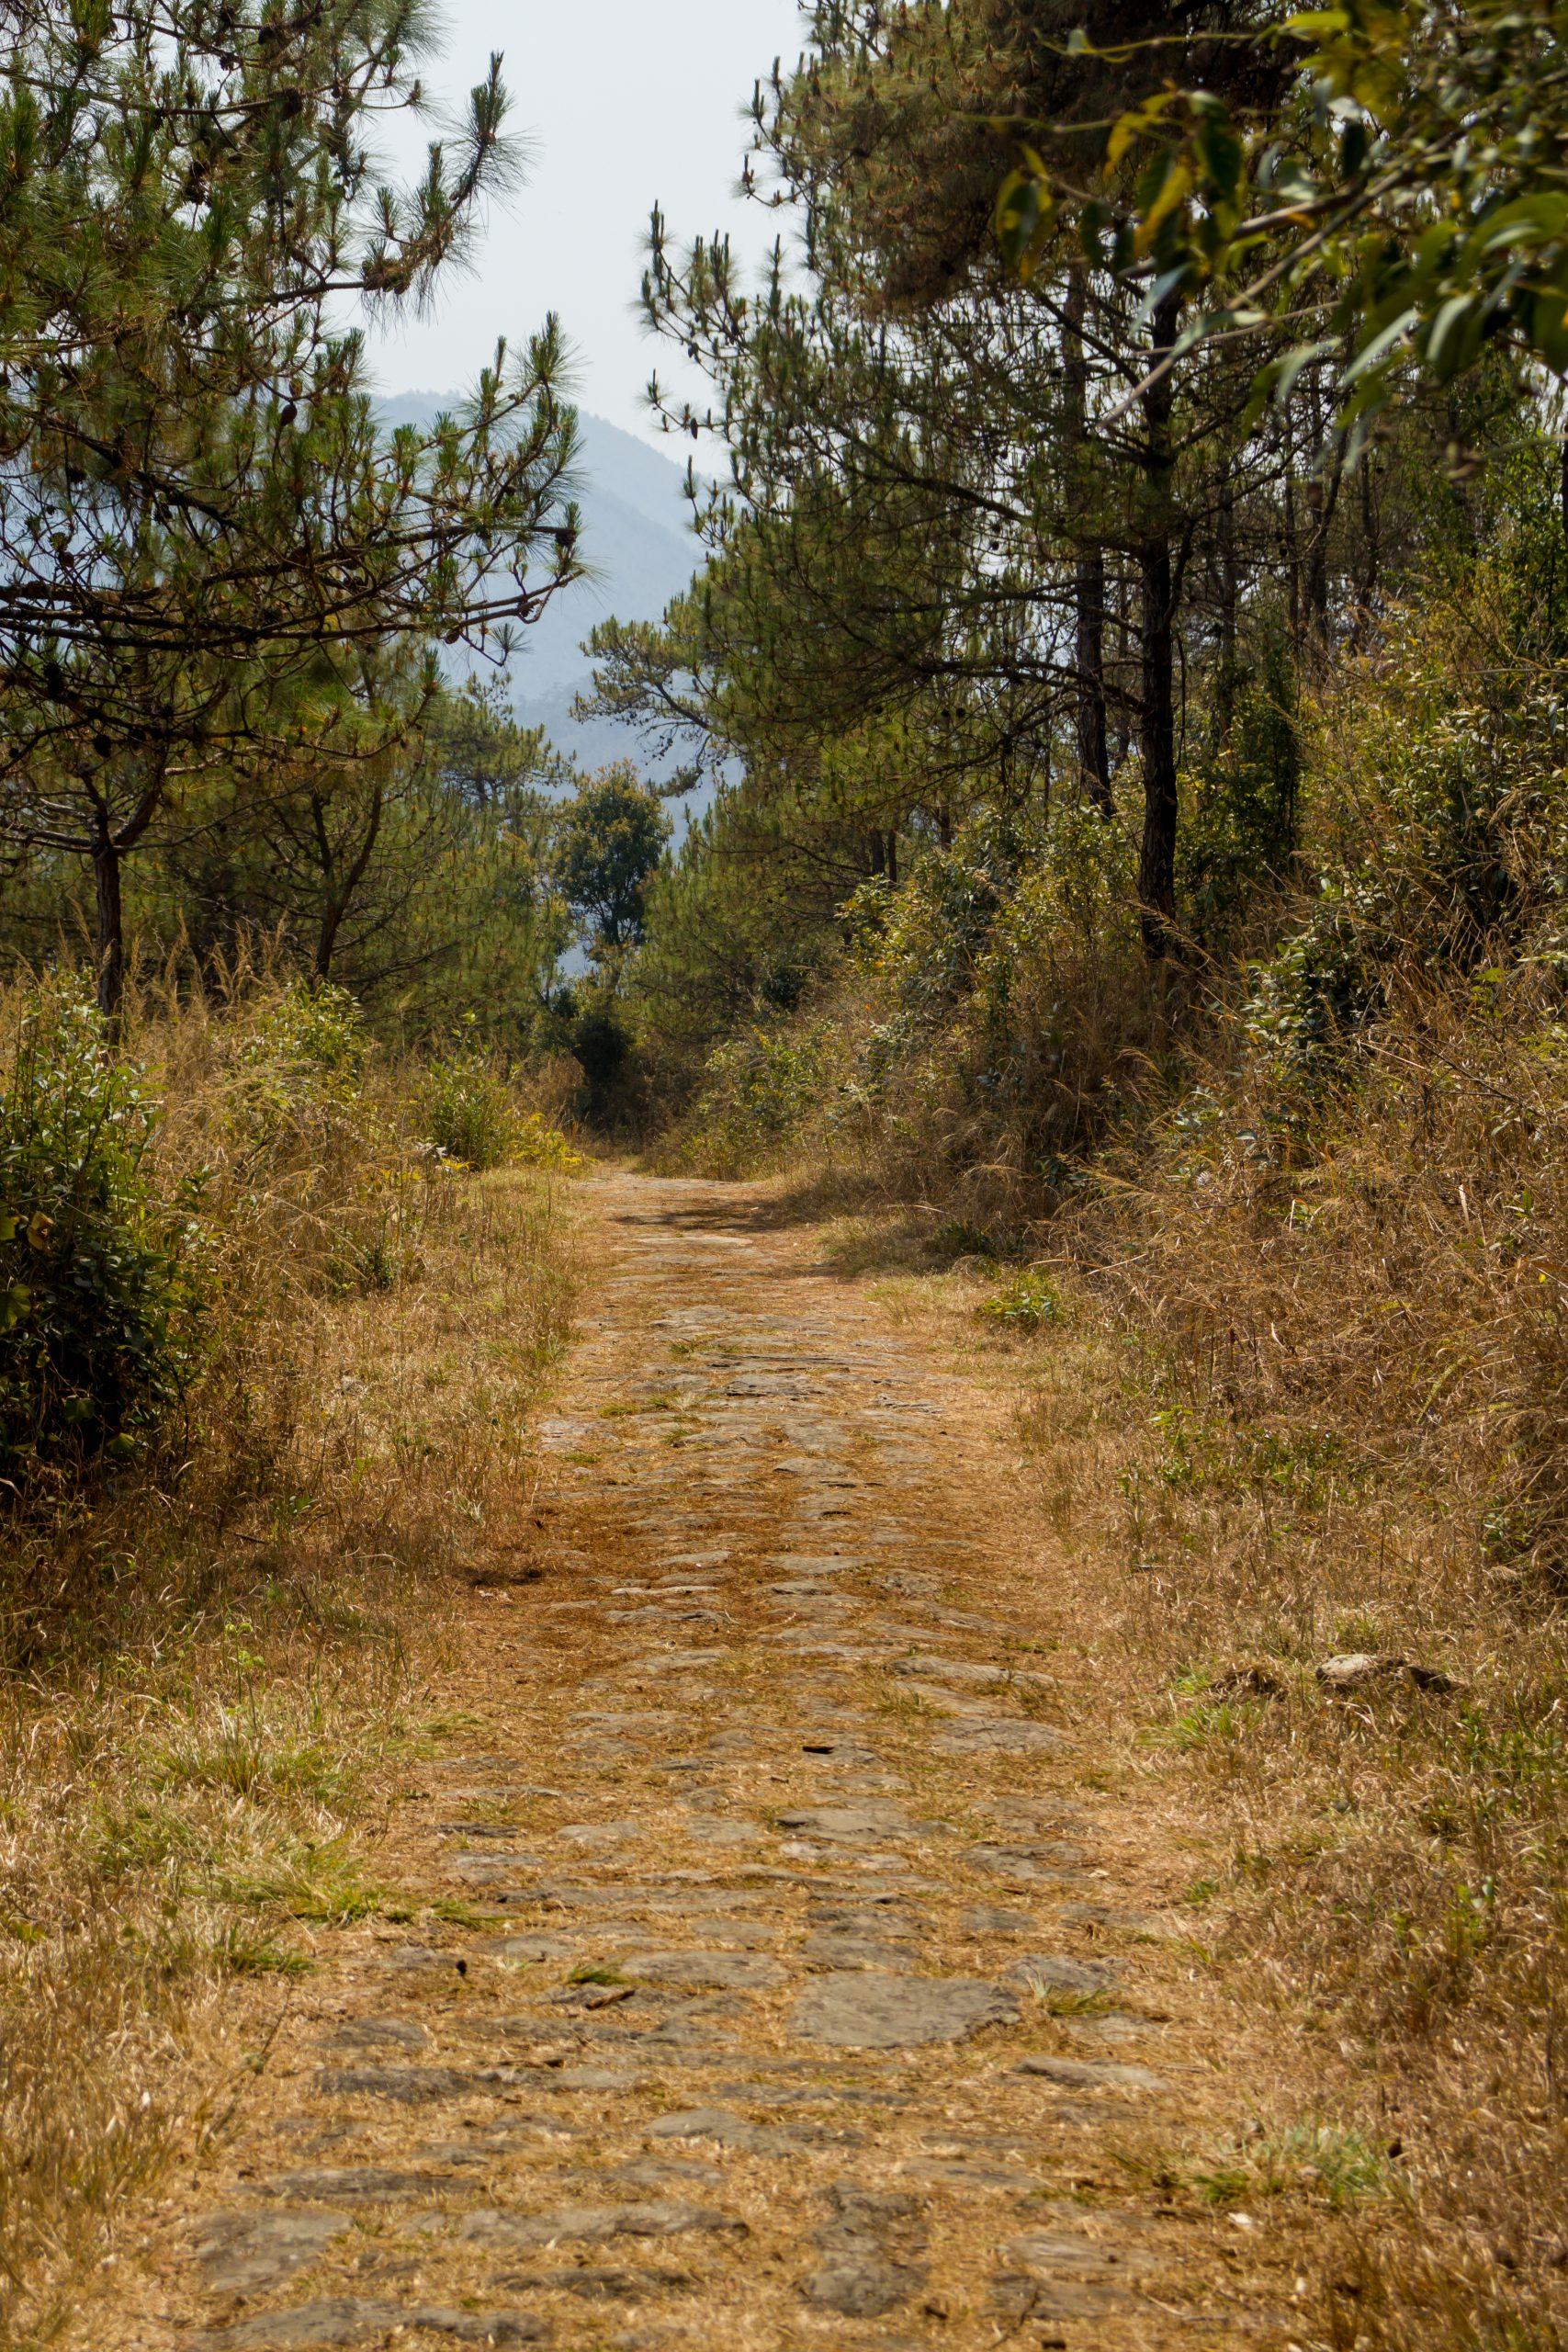 A path in a jungle